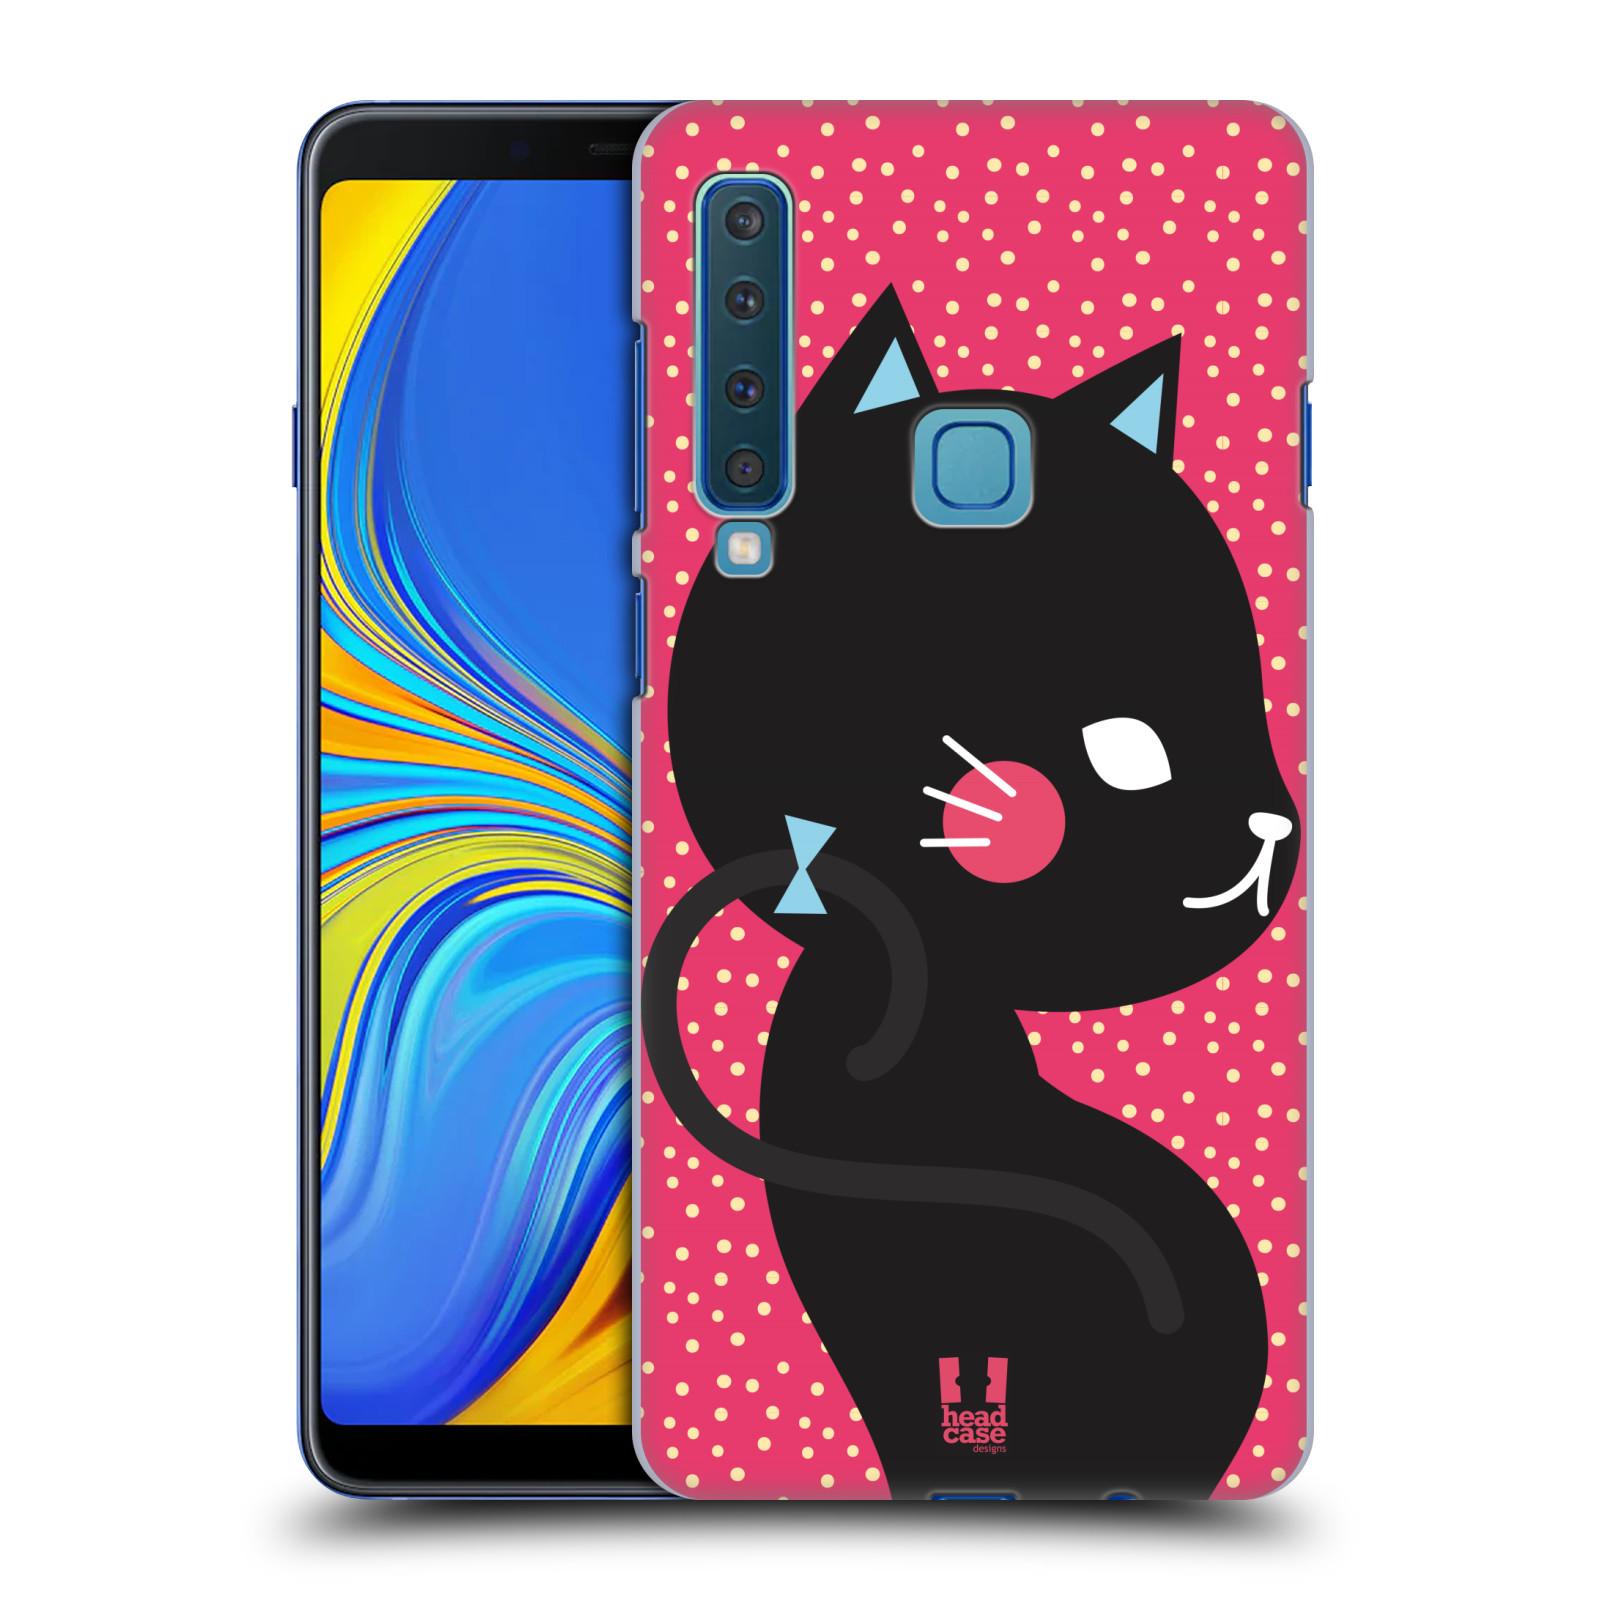 Plastové pouzdro na mobil Samsung Galaxy A9 (2018) - Head Case - KOČIČKA Černá NA RŮŽOVÉ